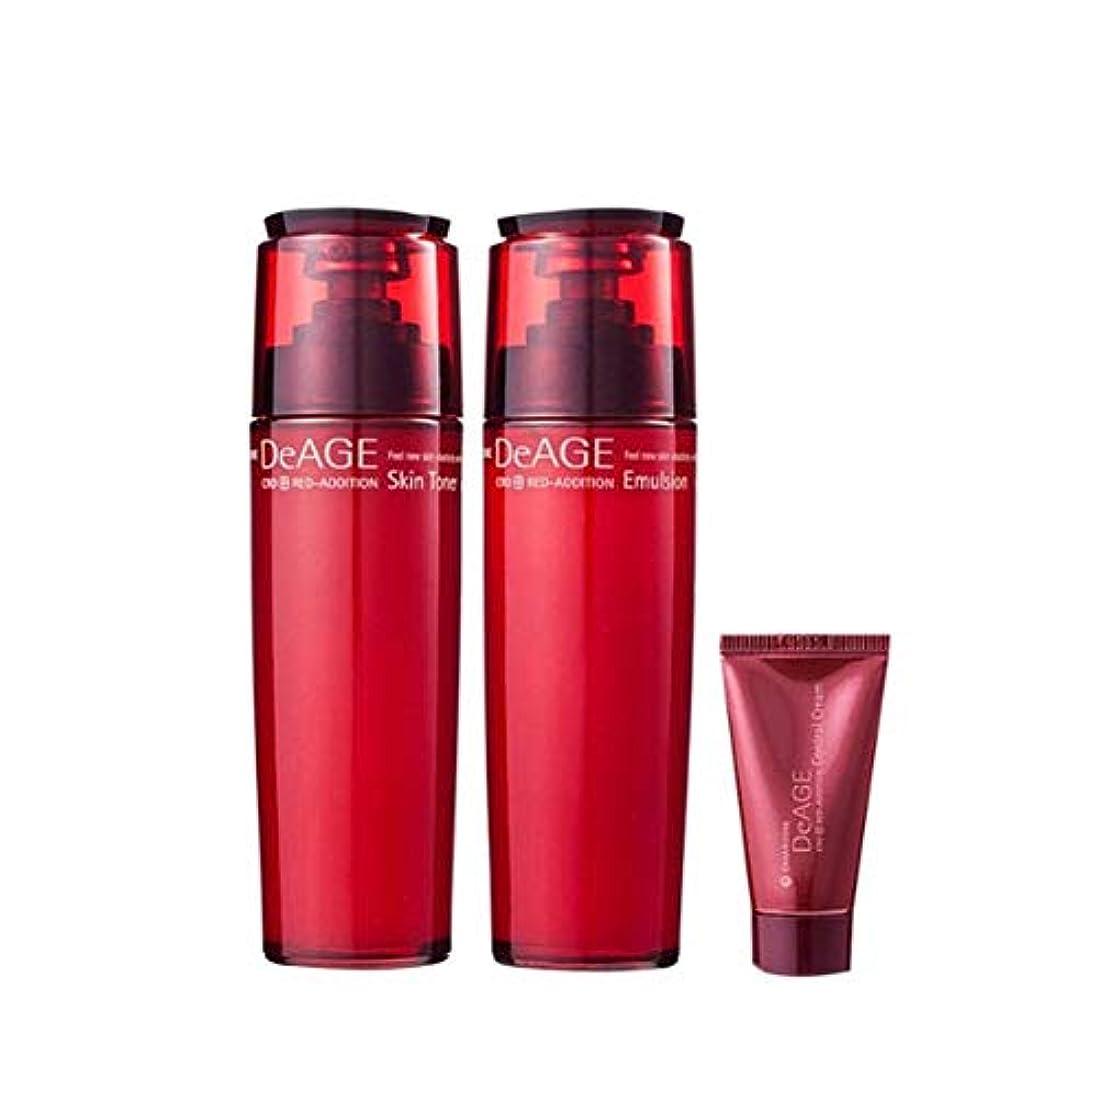 ポーズ民間人作るチャムジョンディエイジレッドエディションセット(スキントナー130ml、エマルジョン130ml、コントロールクリーム15ml)、Charmzone DeAGE Red Addition Set(Skin Toner 130ml...